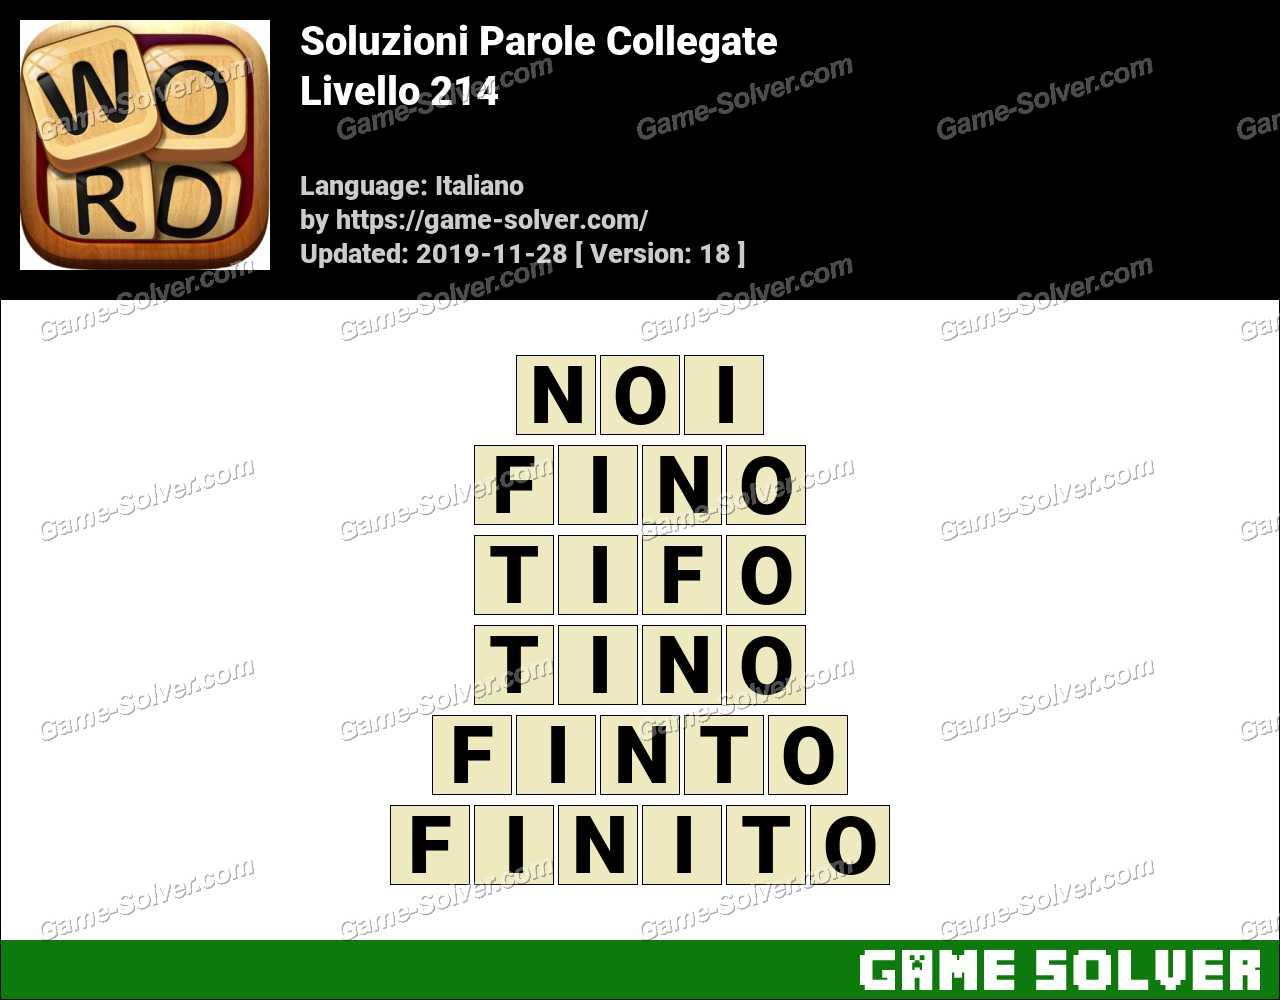 Soluzioni Parole Collegate Livello 214